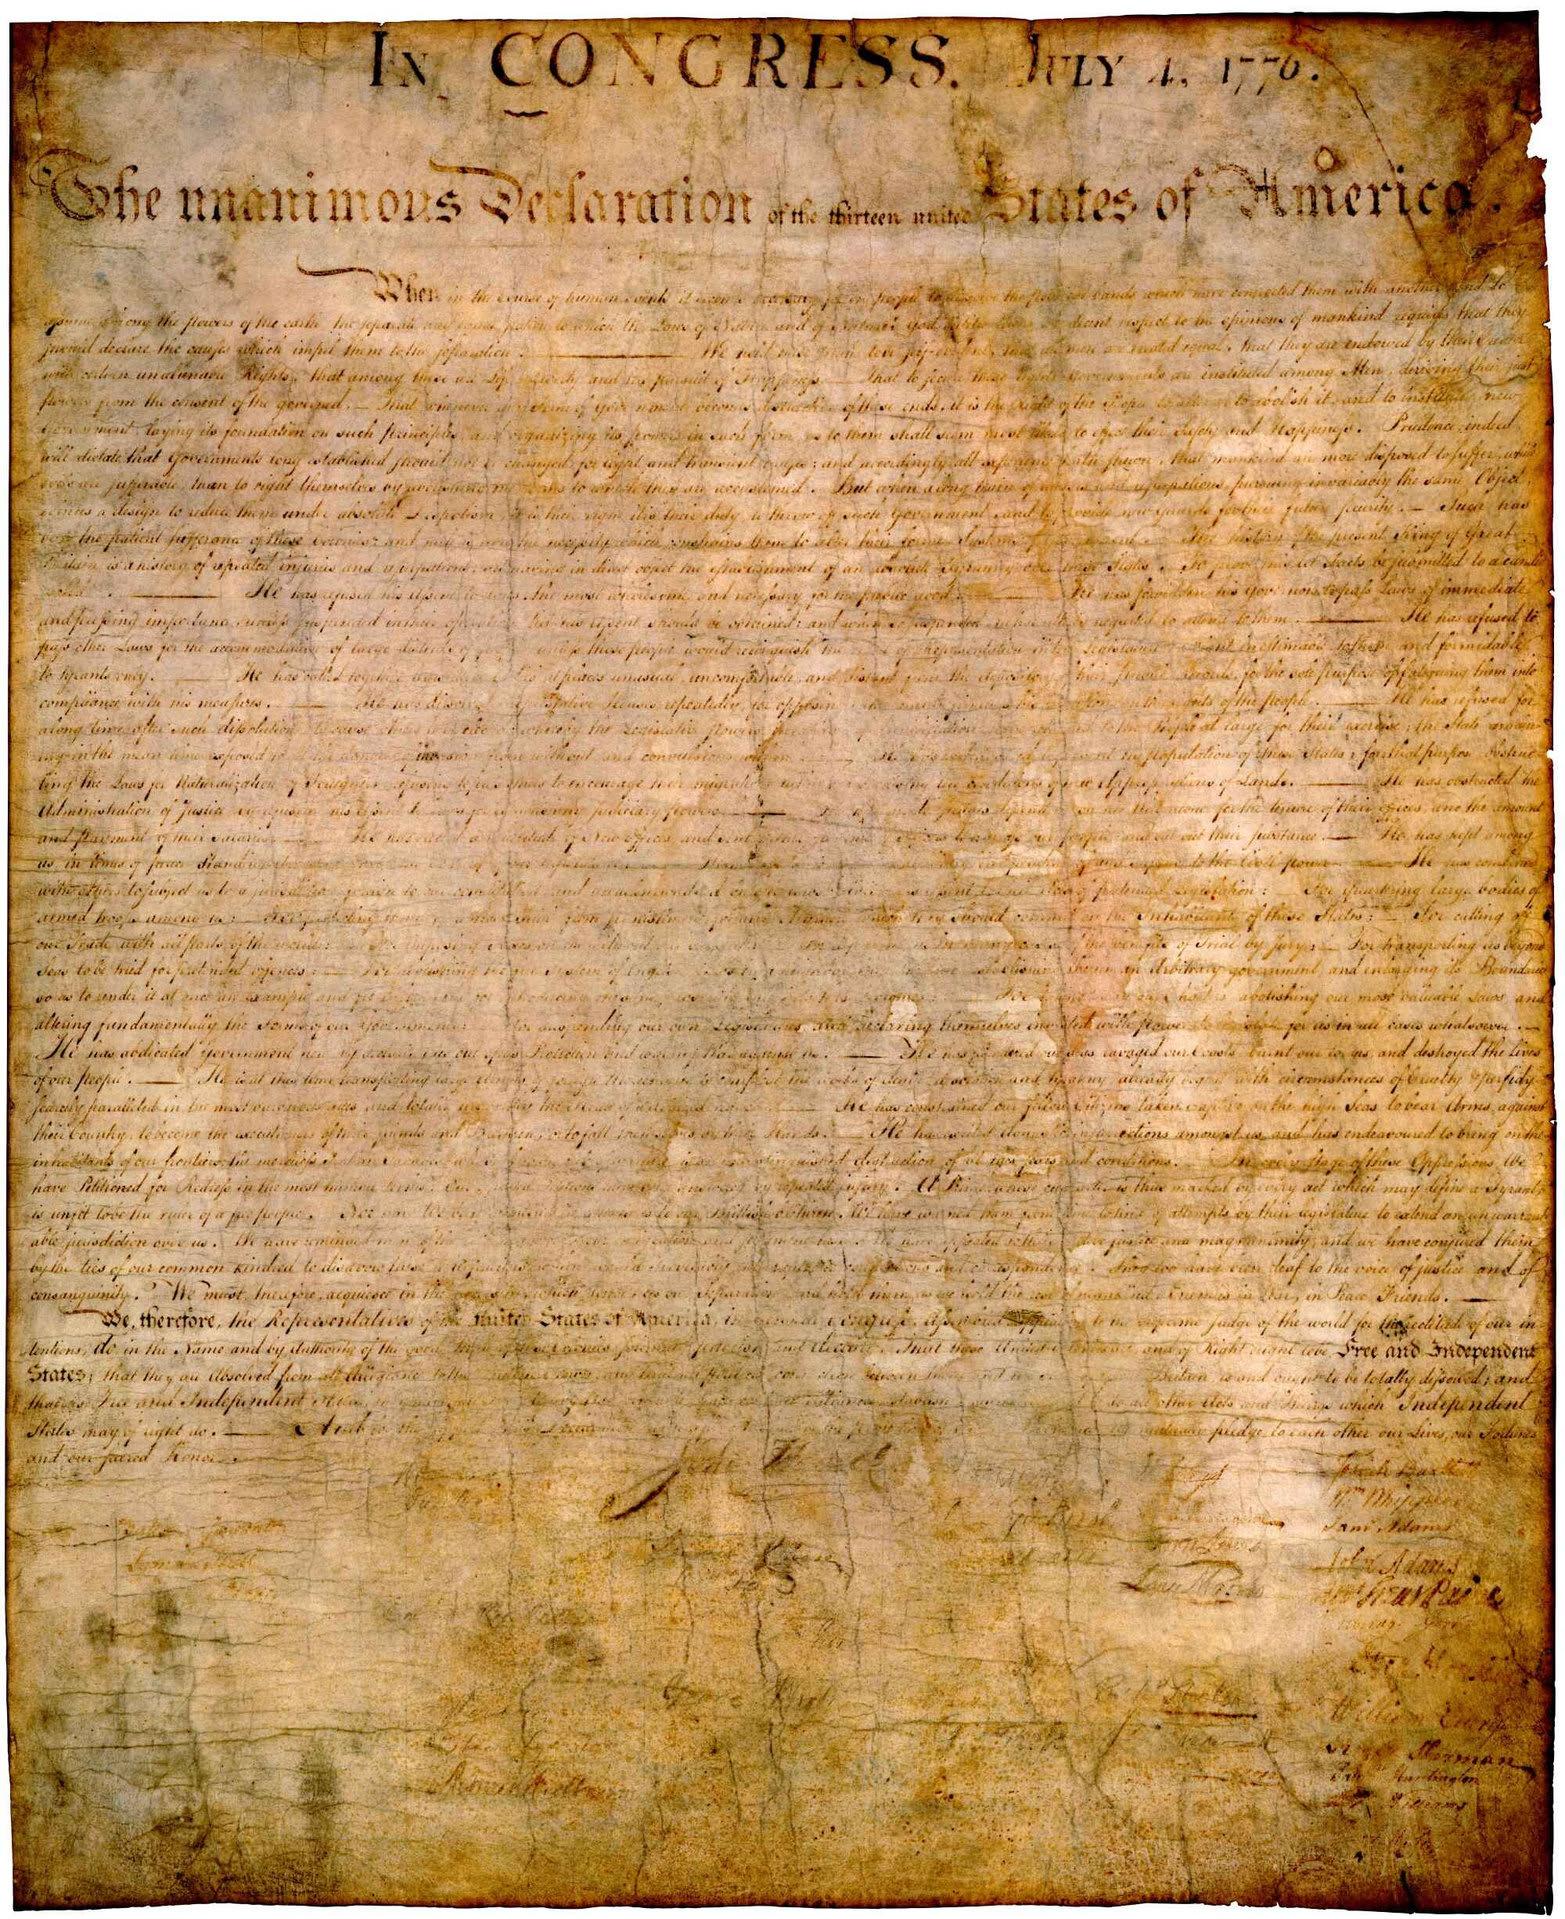 独立 宣言 アメリカ